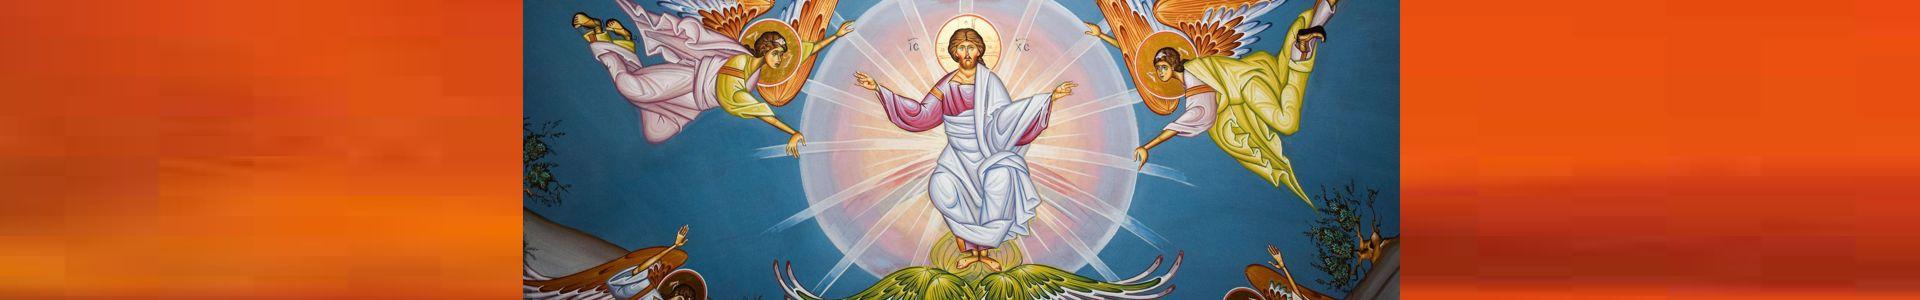 Gedanken zum Hochfest Christi Himmelfahrt